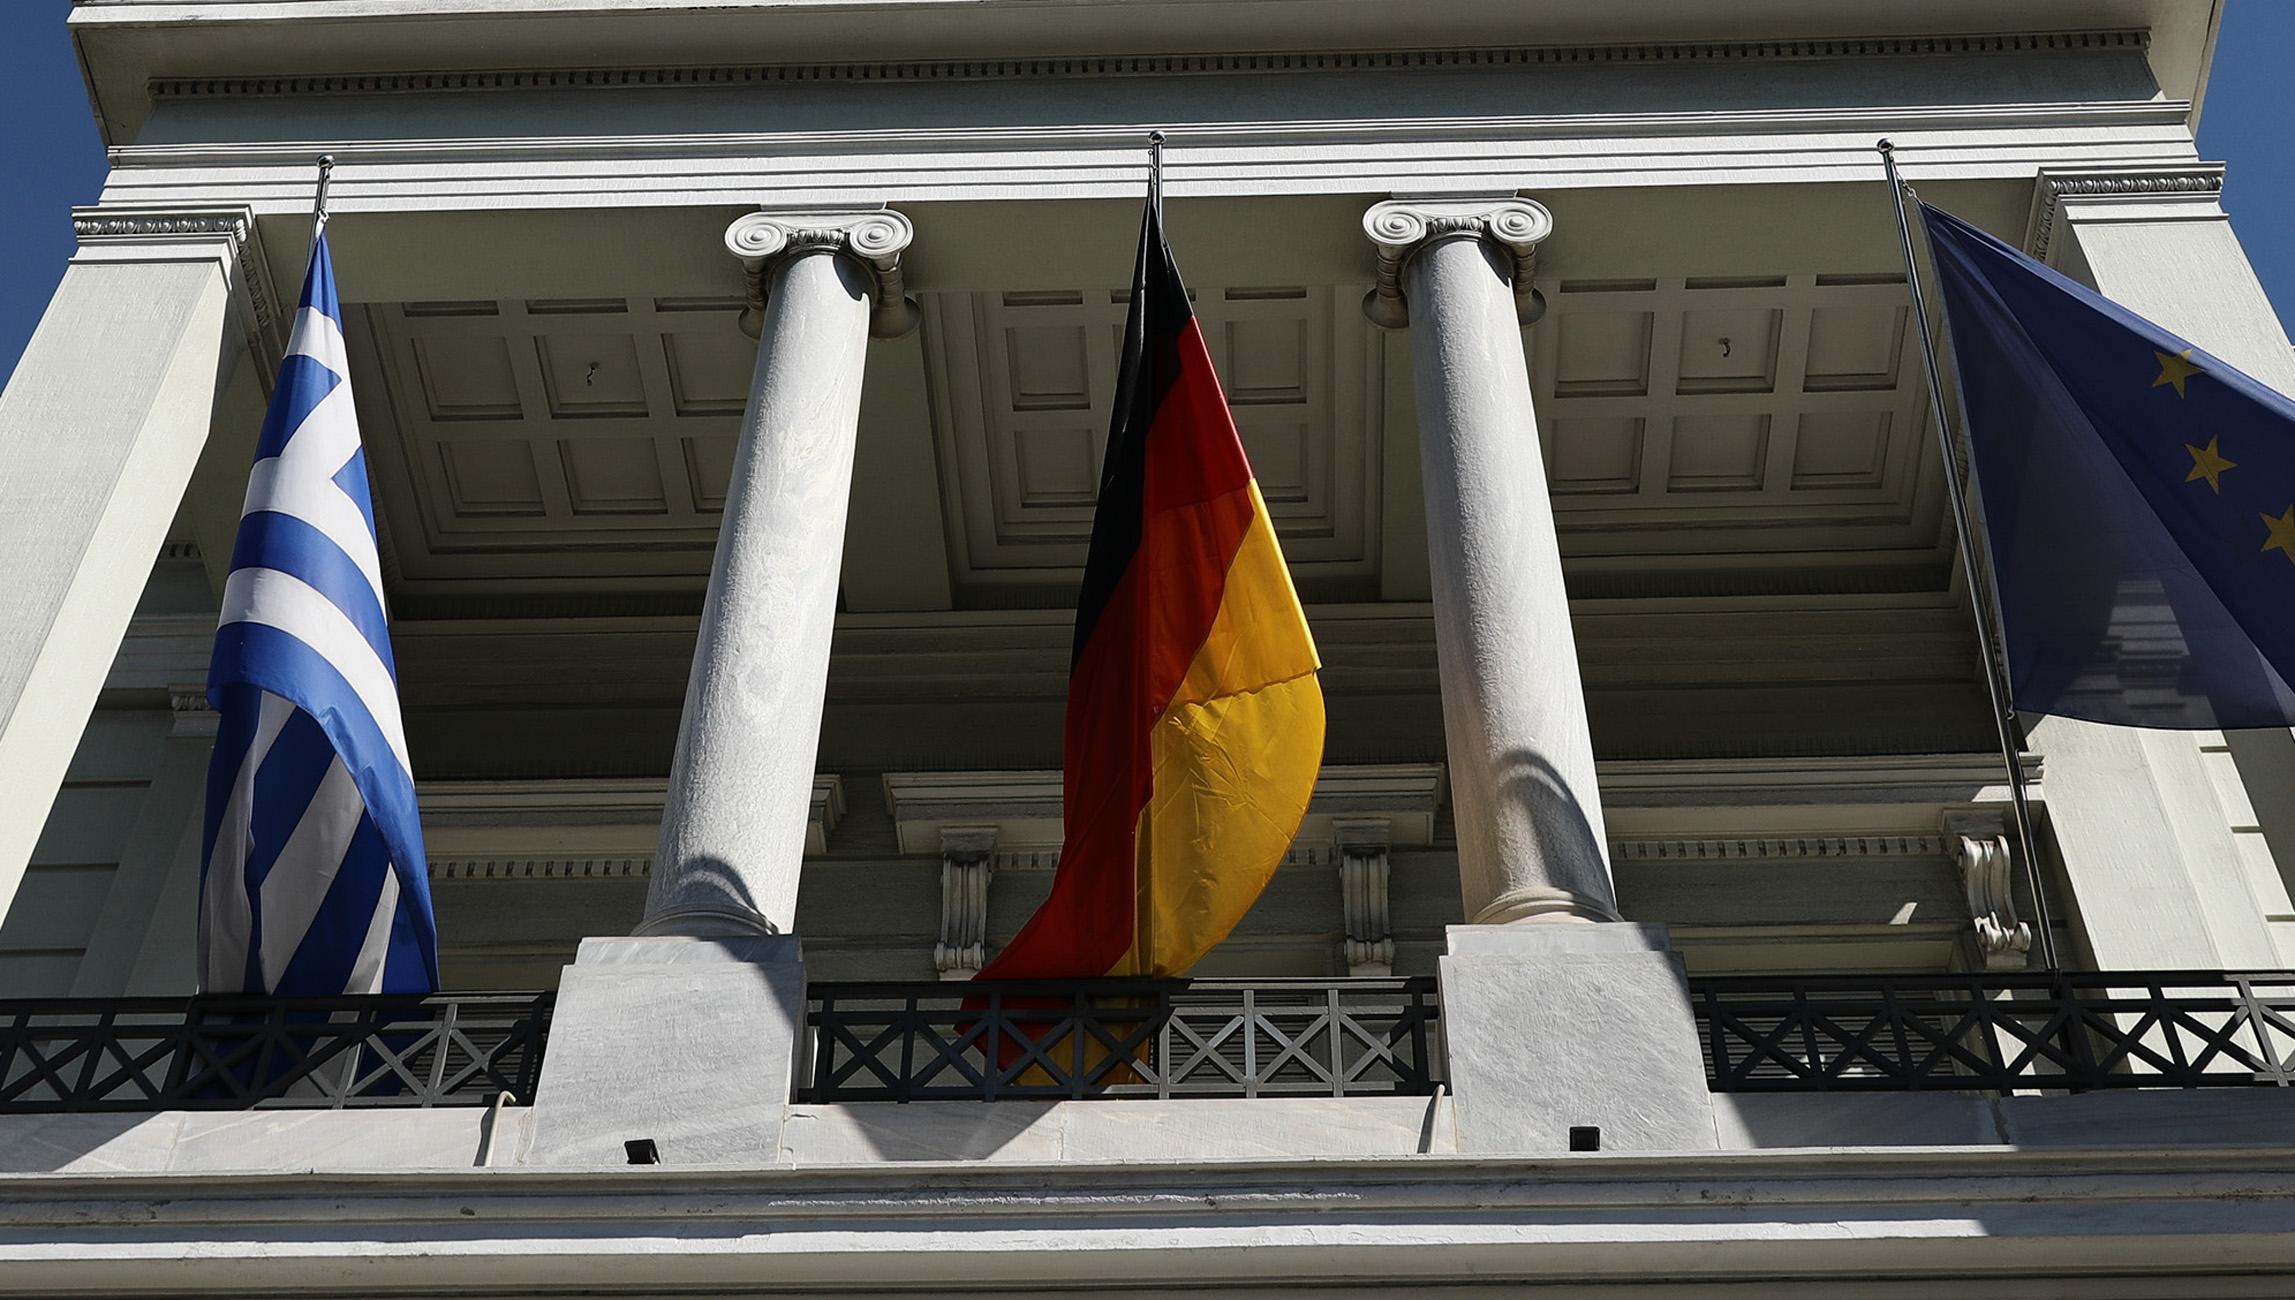 Σε 6,1 δισ. ευρώ ανέρχονται οι γερμανικές επενδύσεις στην Ελλάδα: Τι δείχνει μελέτη του ΙΟΒΕ